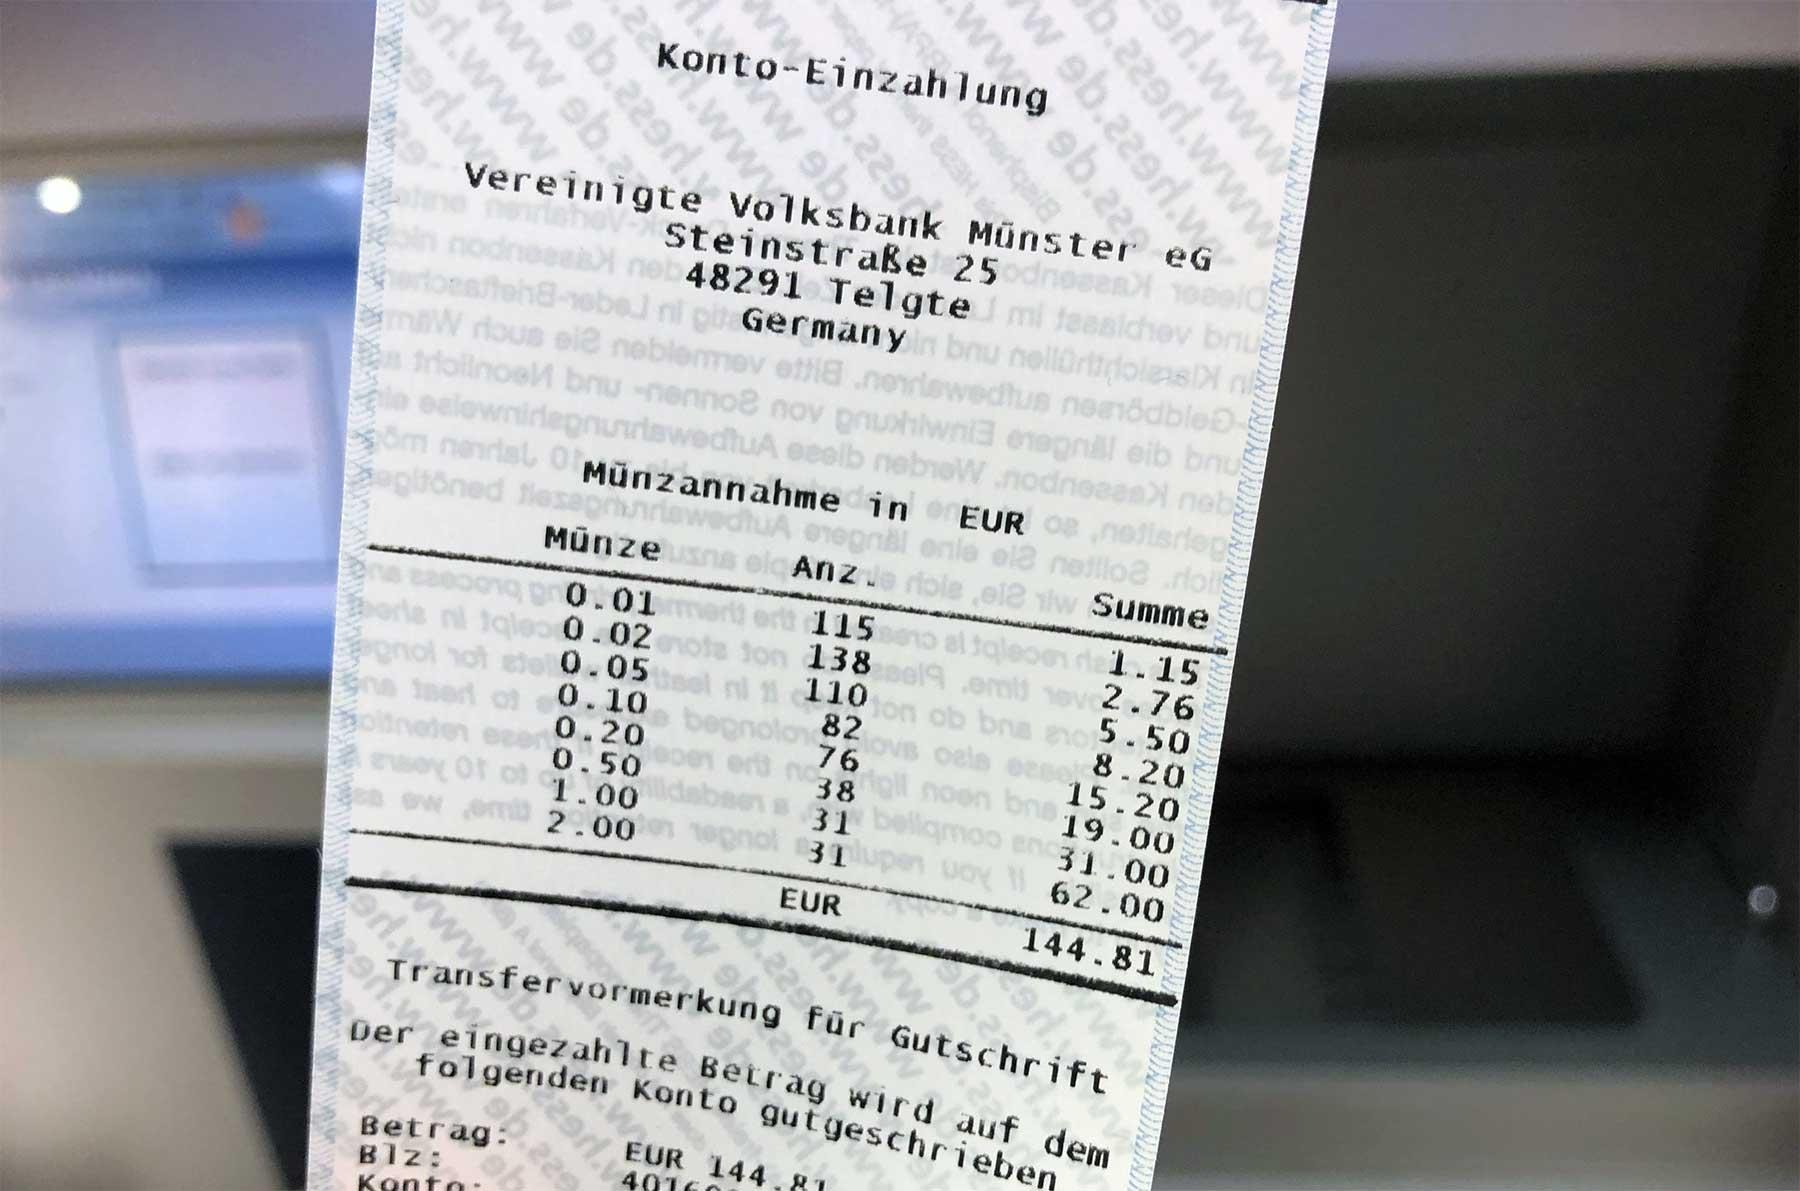 Auflösung vom Spardosenraten 2018 spardosenraten-2018-einzahlung